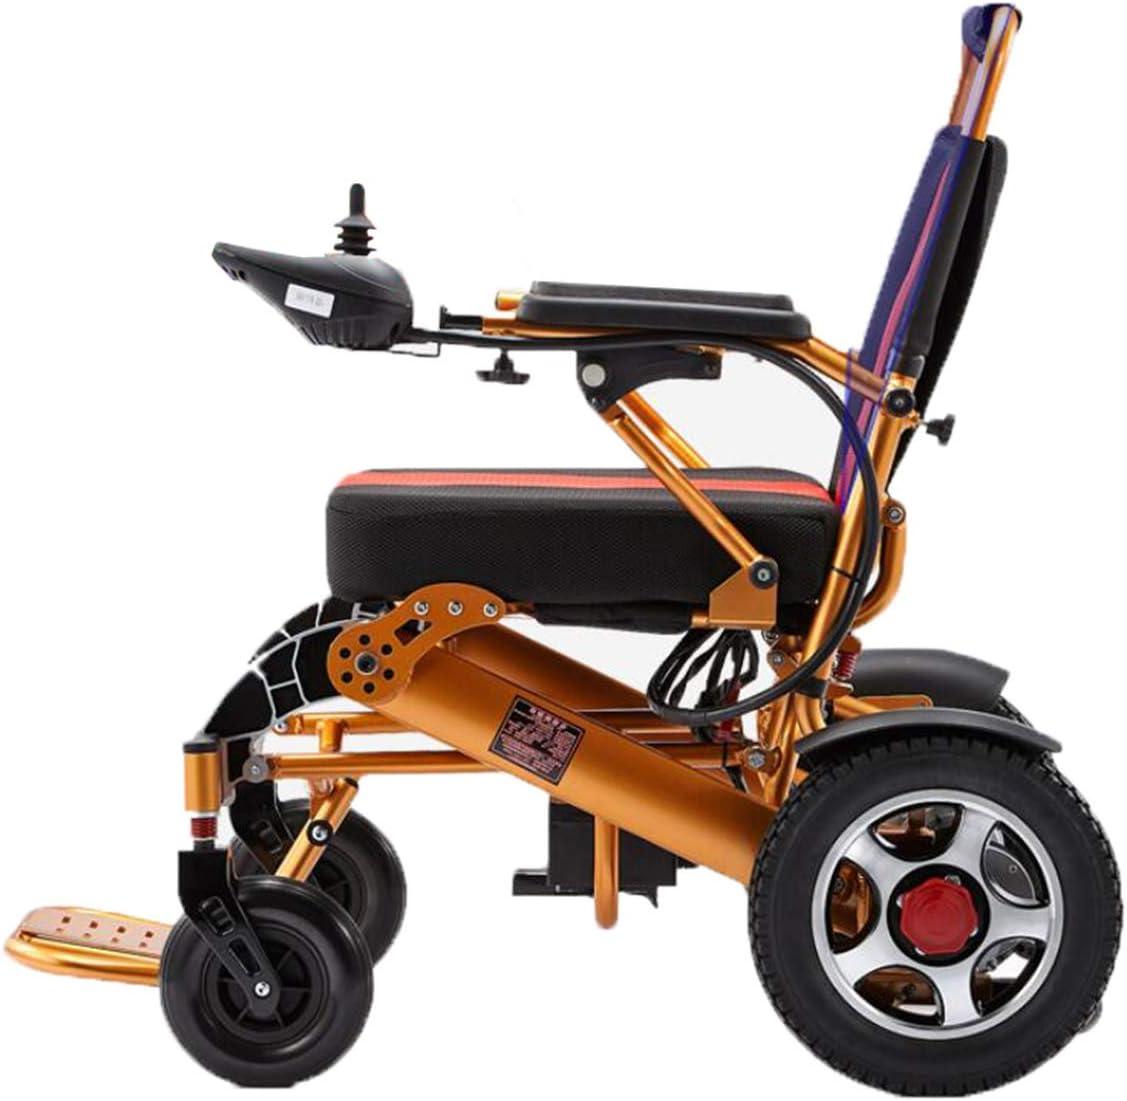 BYCDD Plegable Silla de Ruedas, Silla de Ruedas Plegable Ligera Portátil Potencia del Motor para sillas de Ruedas Eléctrica Power Chair Transportar,Gold